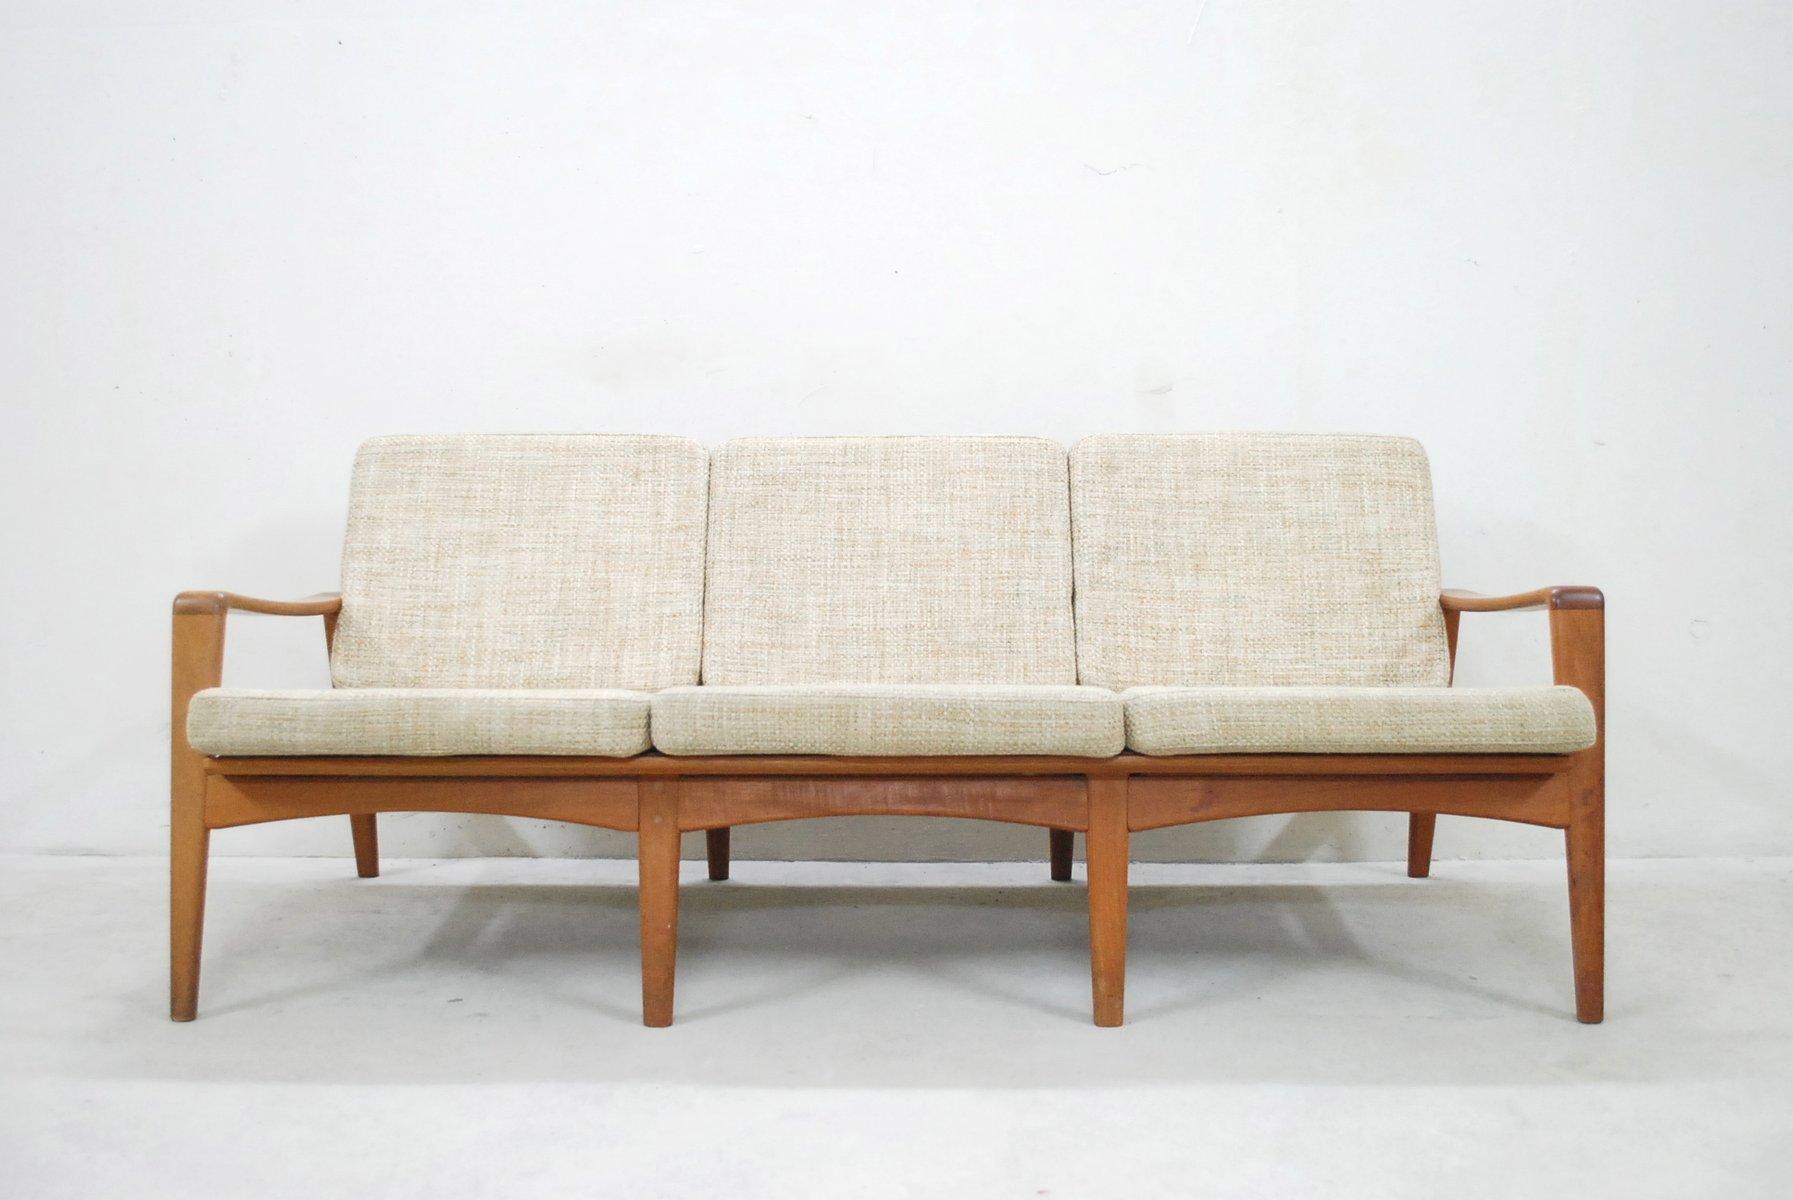 Canapé Vintage En Teck Par Arne Wahl Pour Komfort Danemark En - Canapé danois